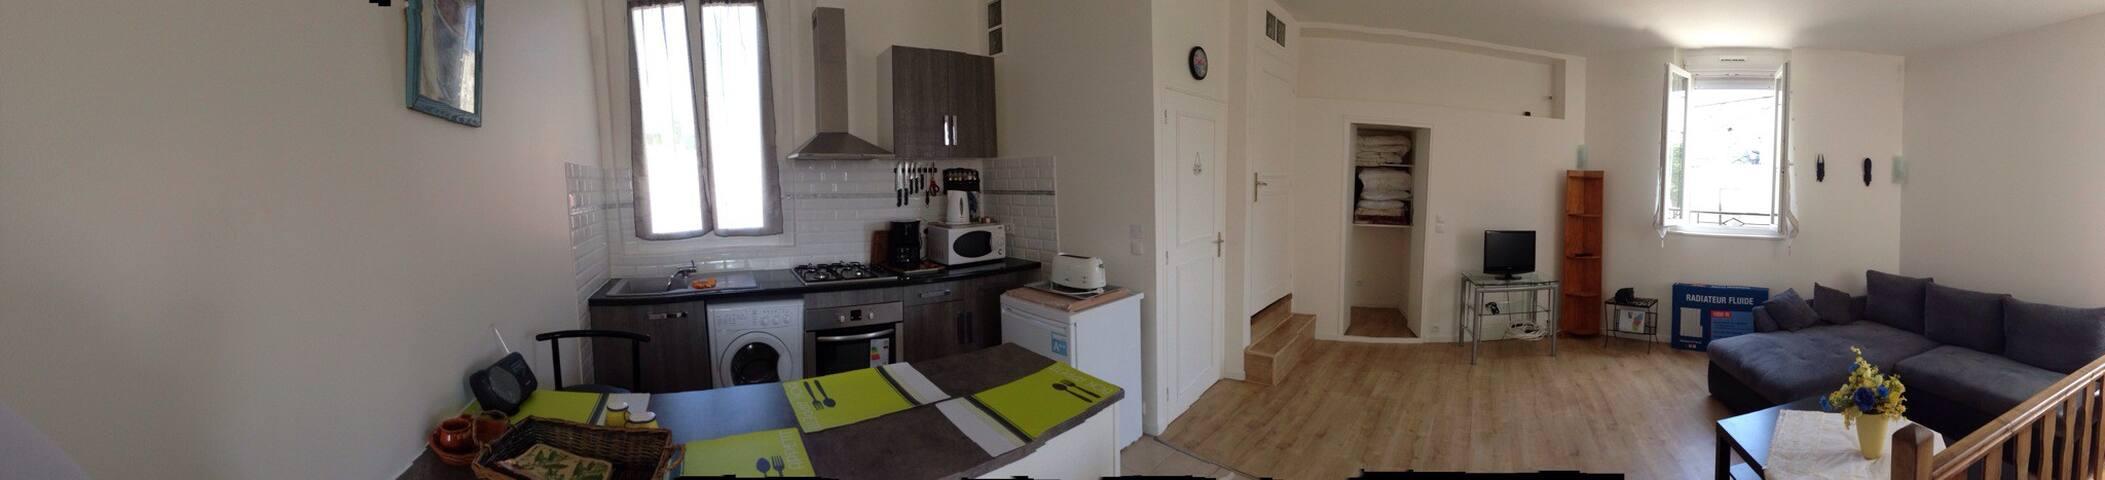 Appartement en duplex refait a neuf